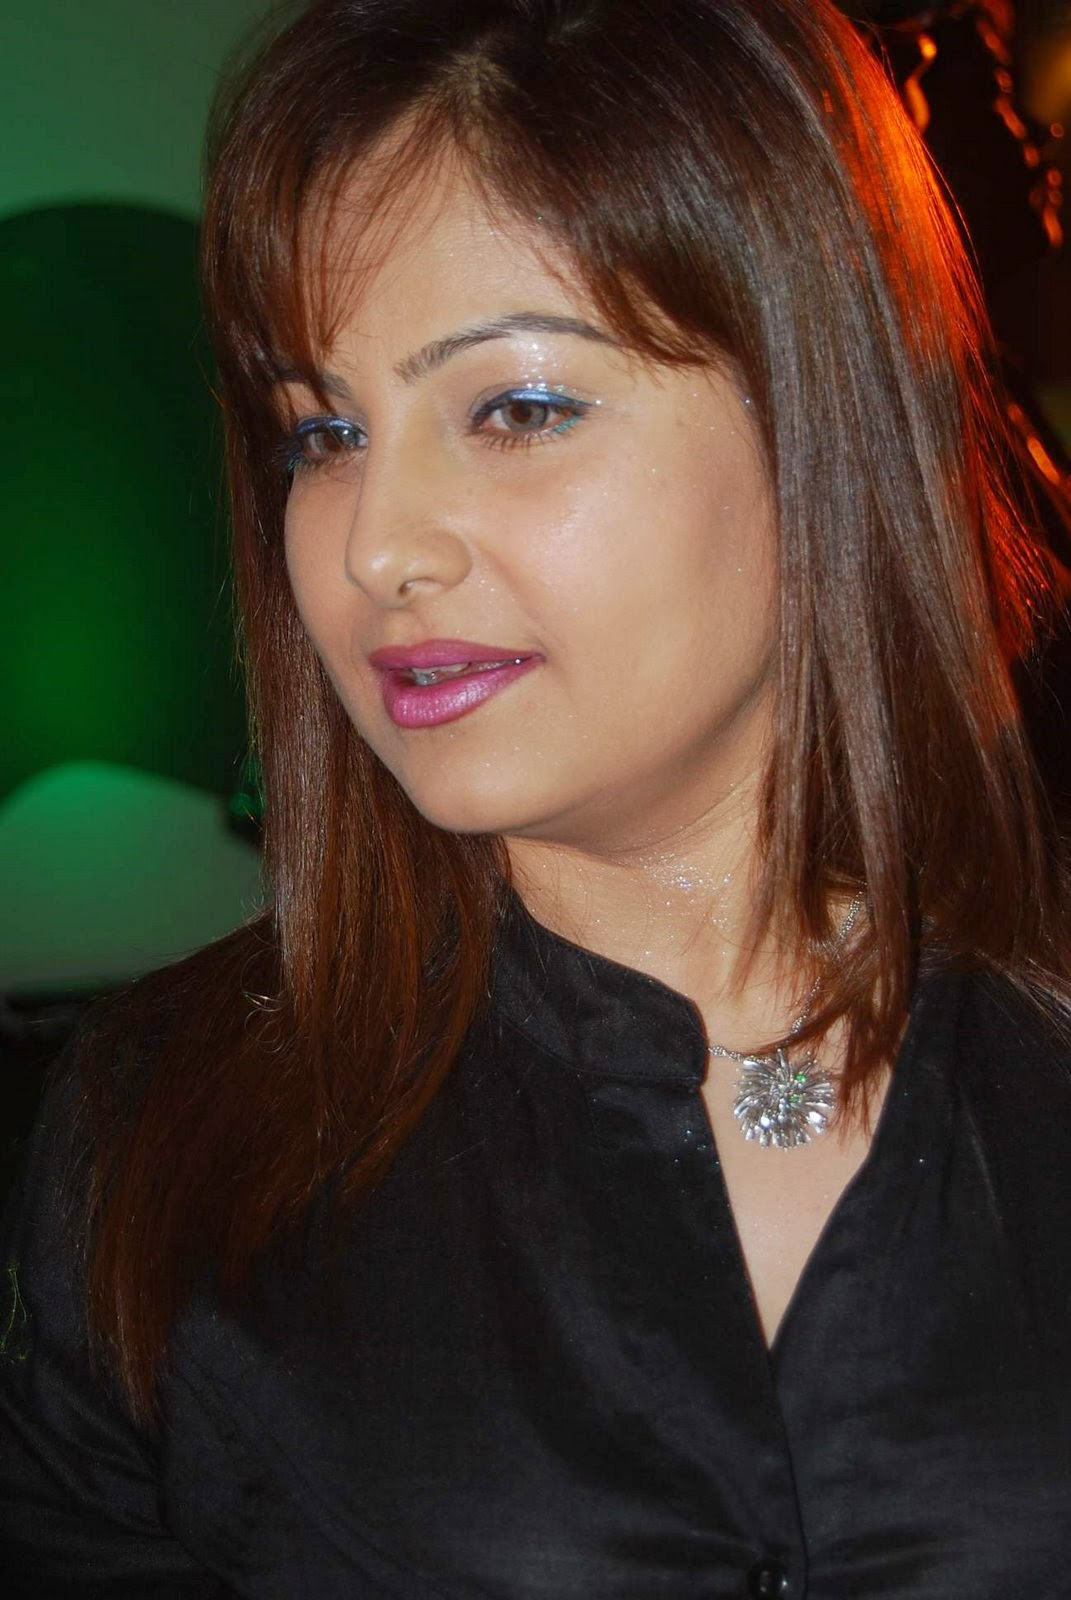 Bollywood Actress Ayesha Jhulka Hd Wallpapers Download -8837